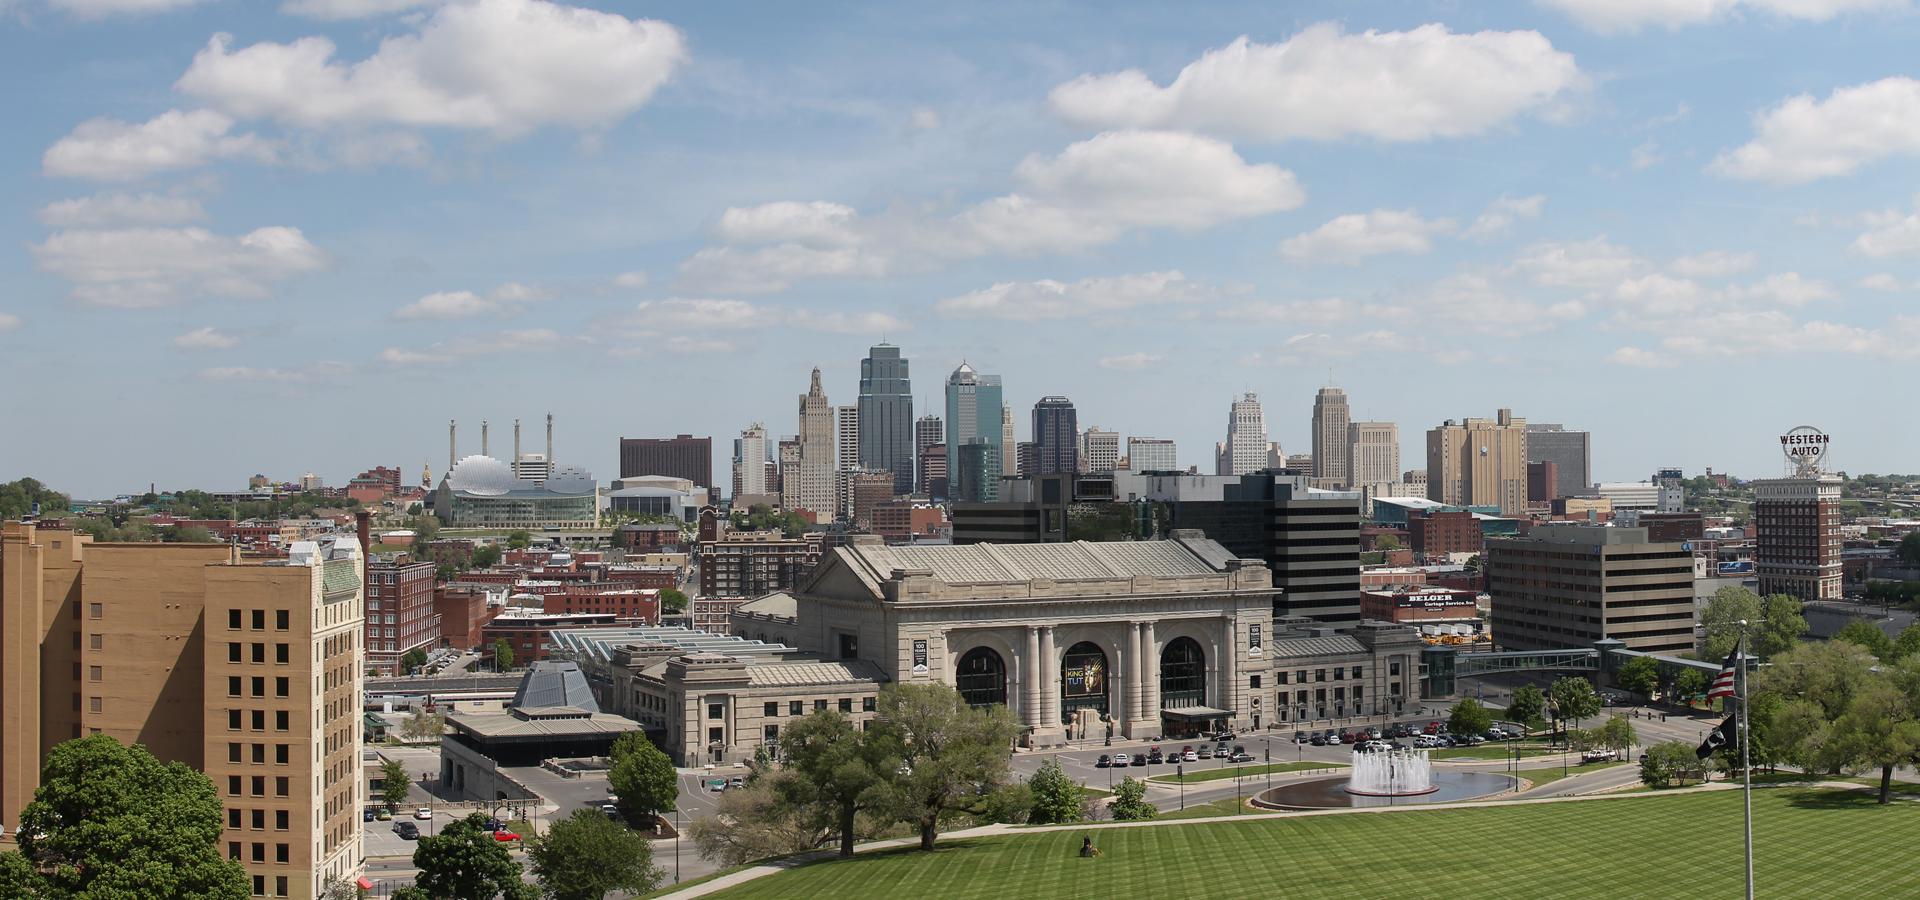 Peer-to-peer advisory in Kansas City, Missouri, USA